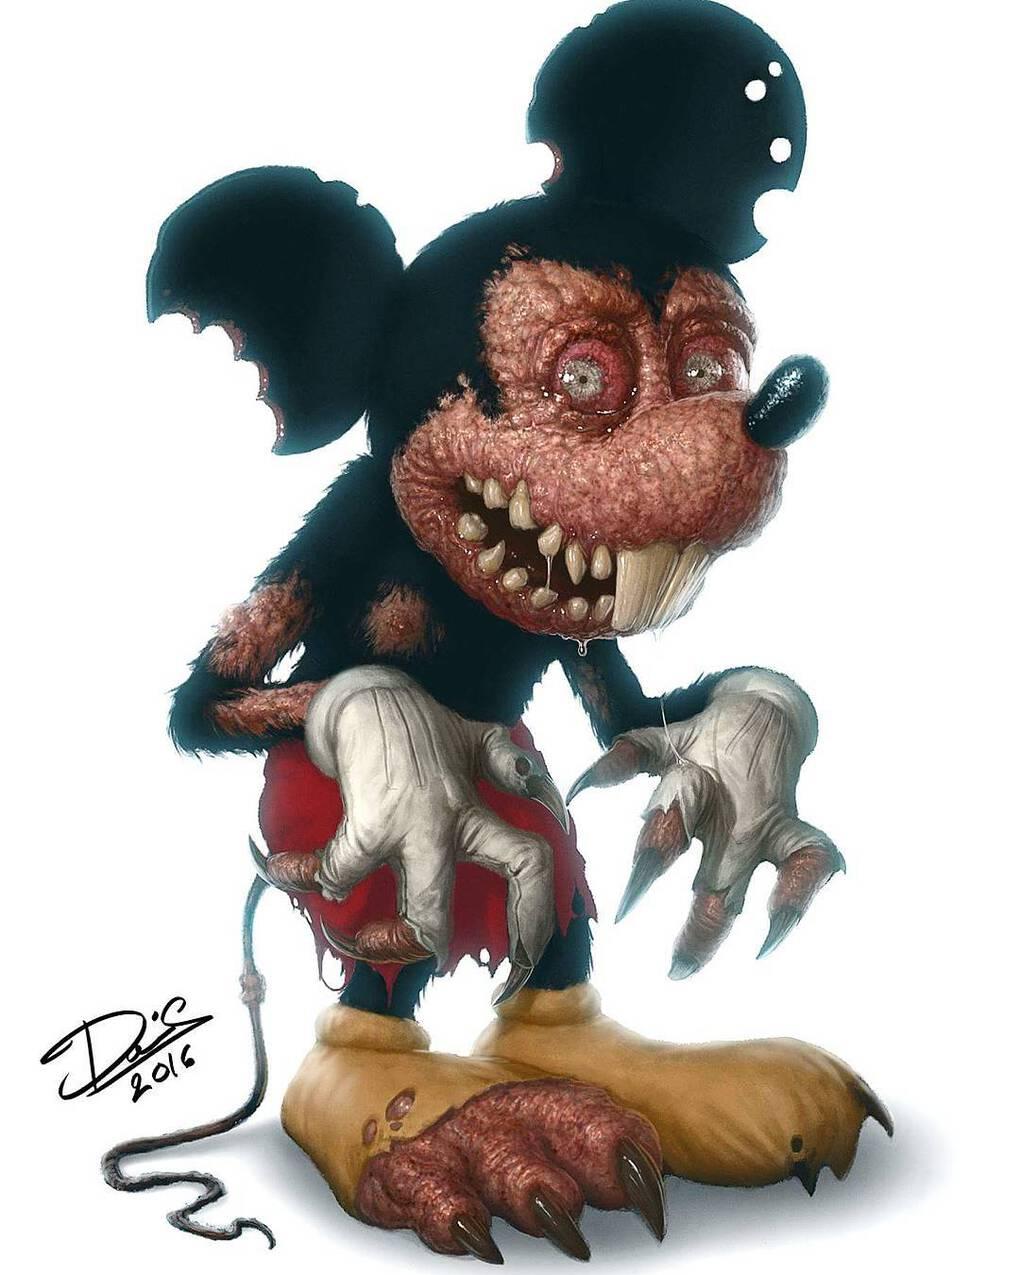 dctattoo swe 15535327 448981322157445 5230801224818753536 n - Шведский татуировщик представил, как выглядели бы добрые герои мультиков, будь они жуткими монстрами